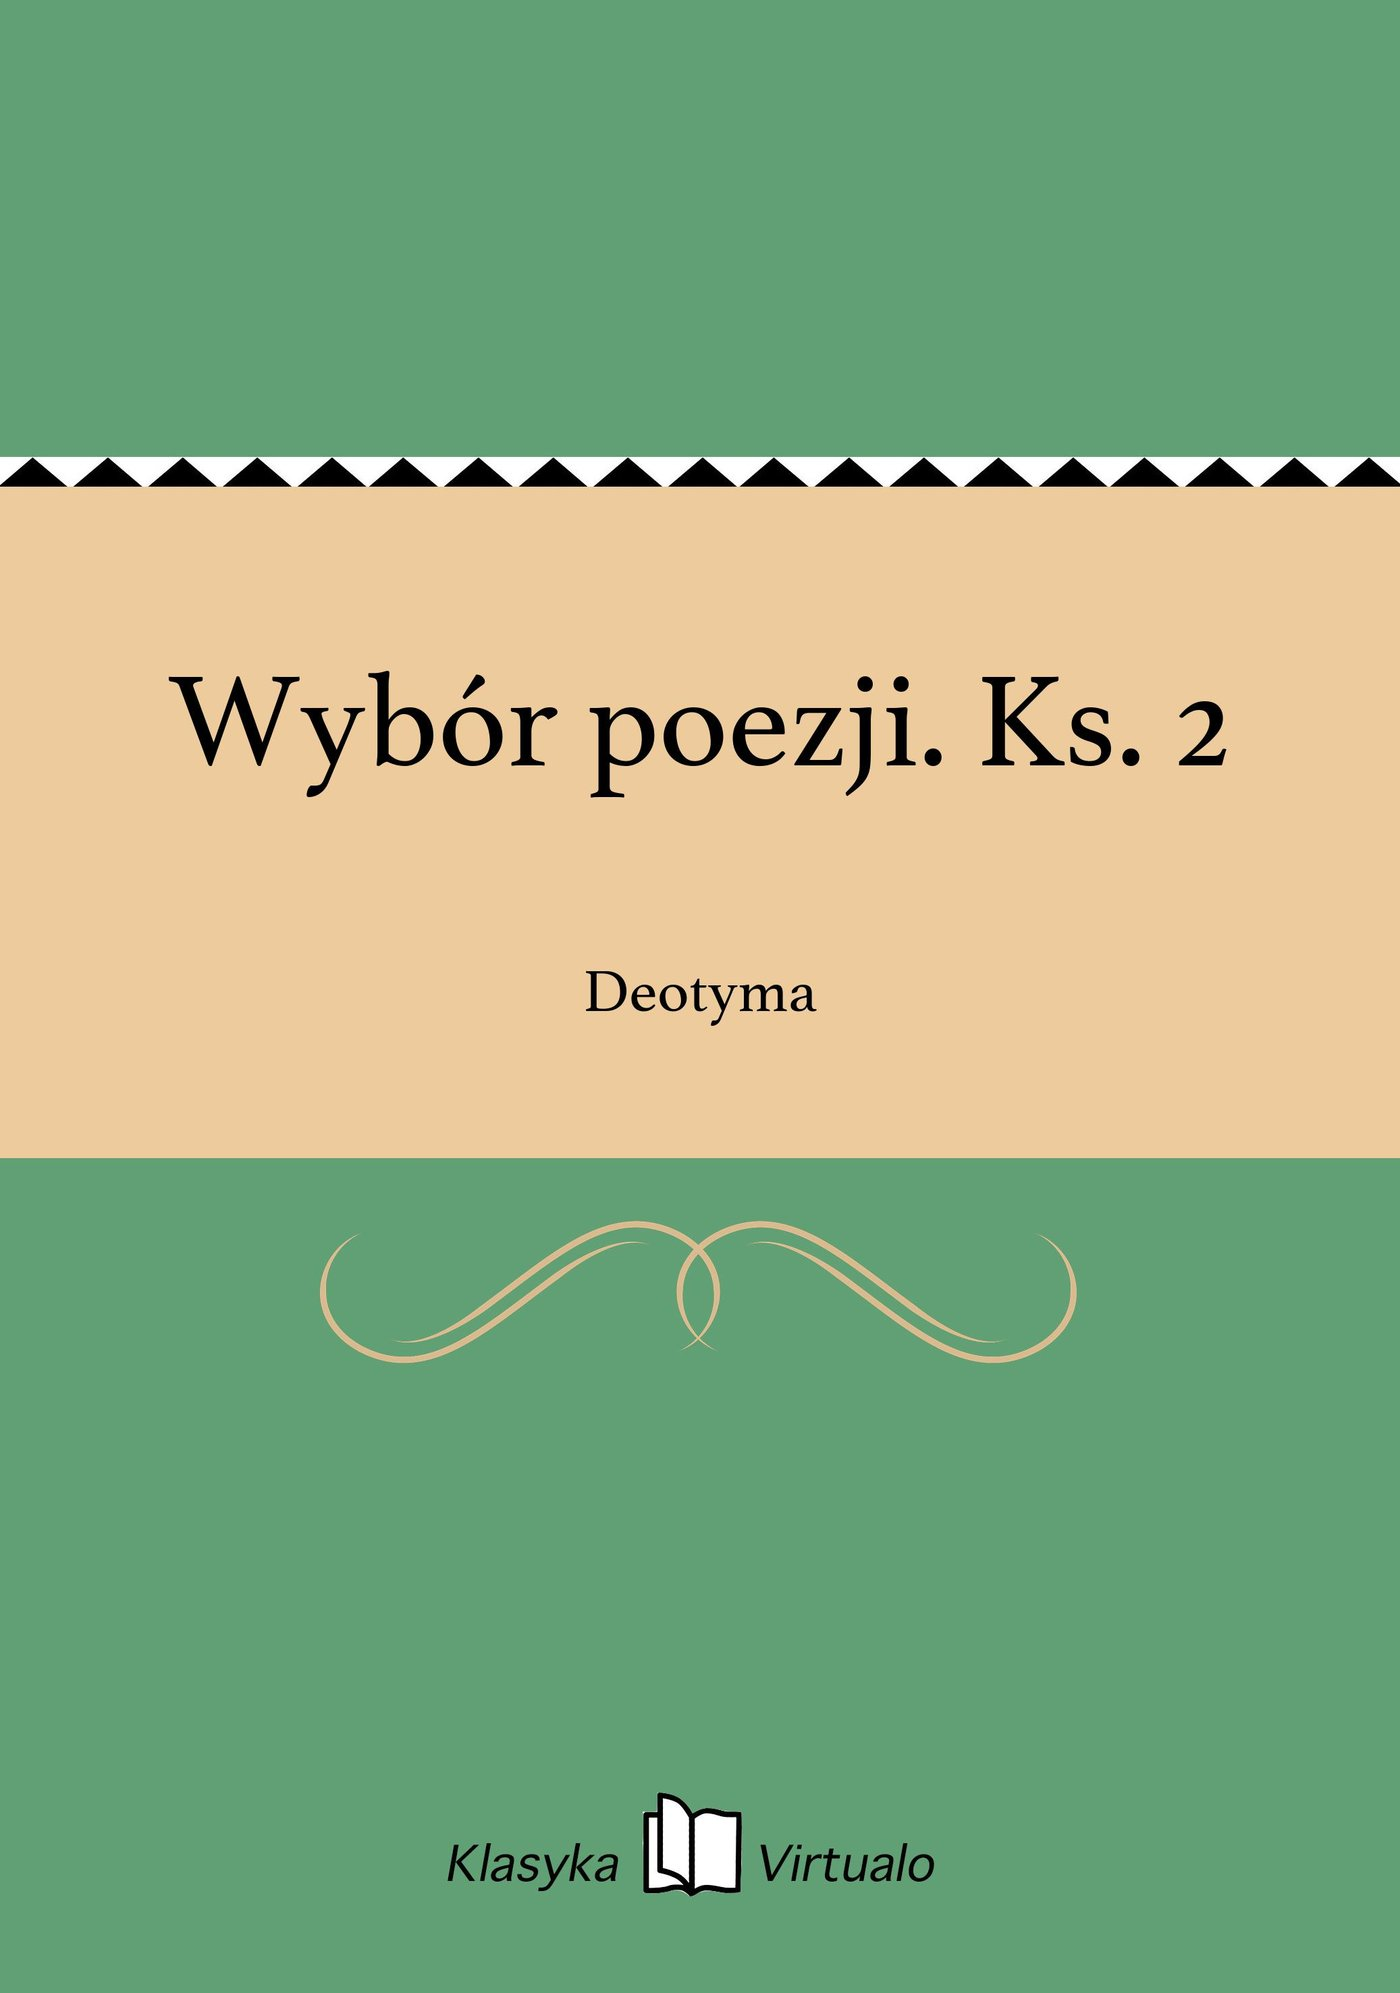 Wybór poezji. Ks. 2 - Ebook (Książka EPUB) do pobrania w formacie EPUB